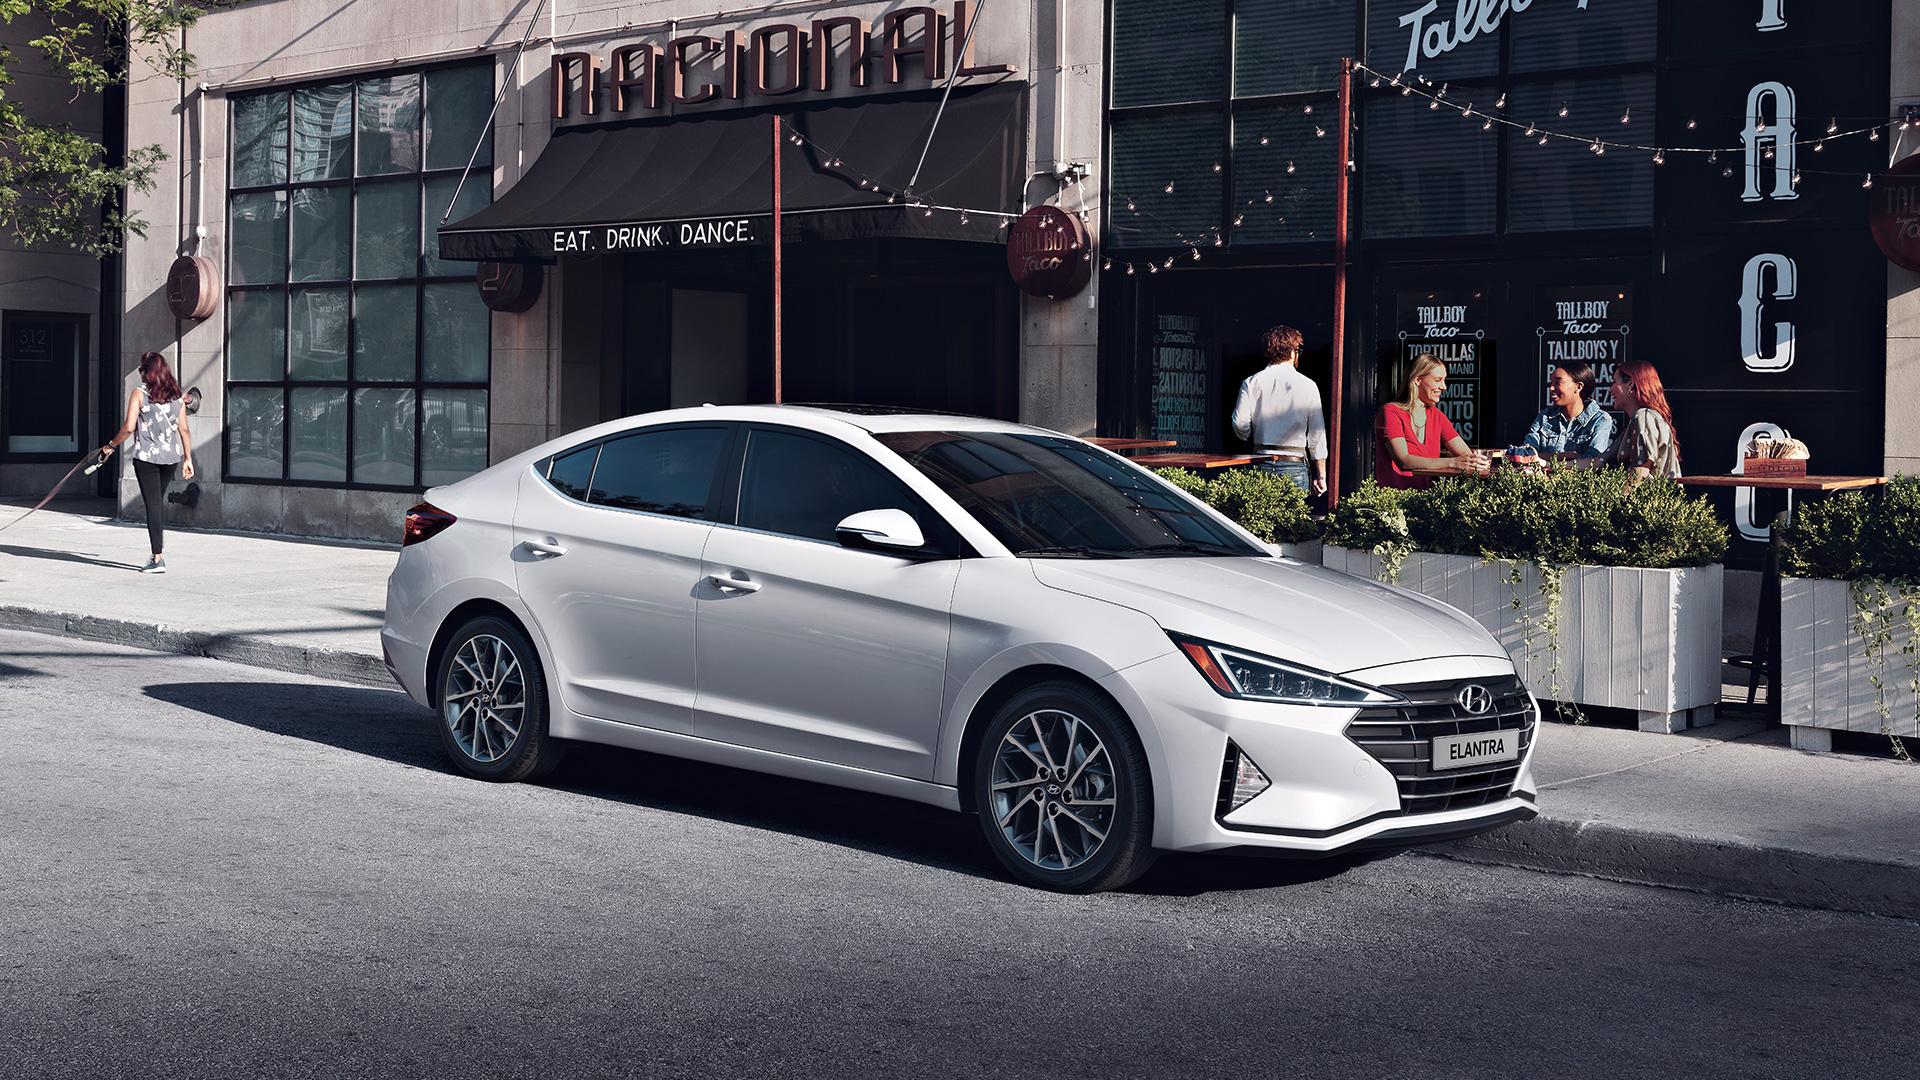 Hyundai de México recomienda aprovechar la cuarentena